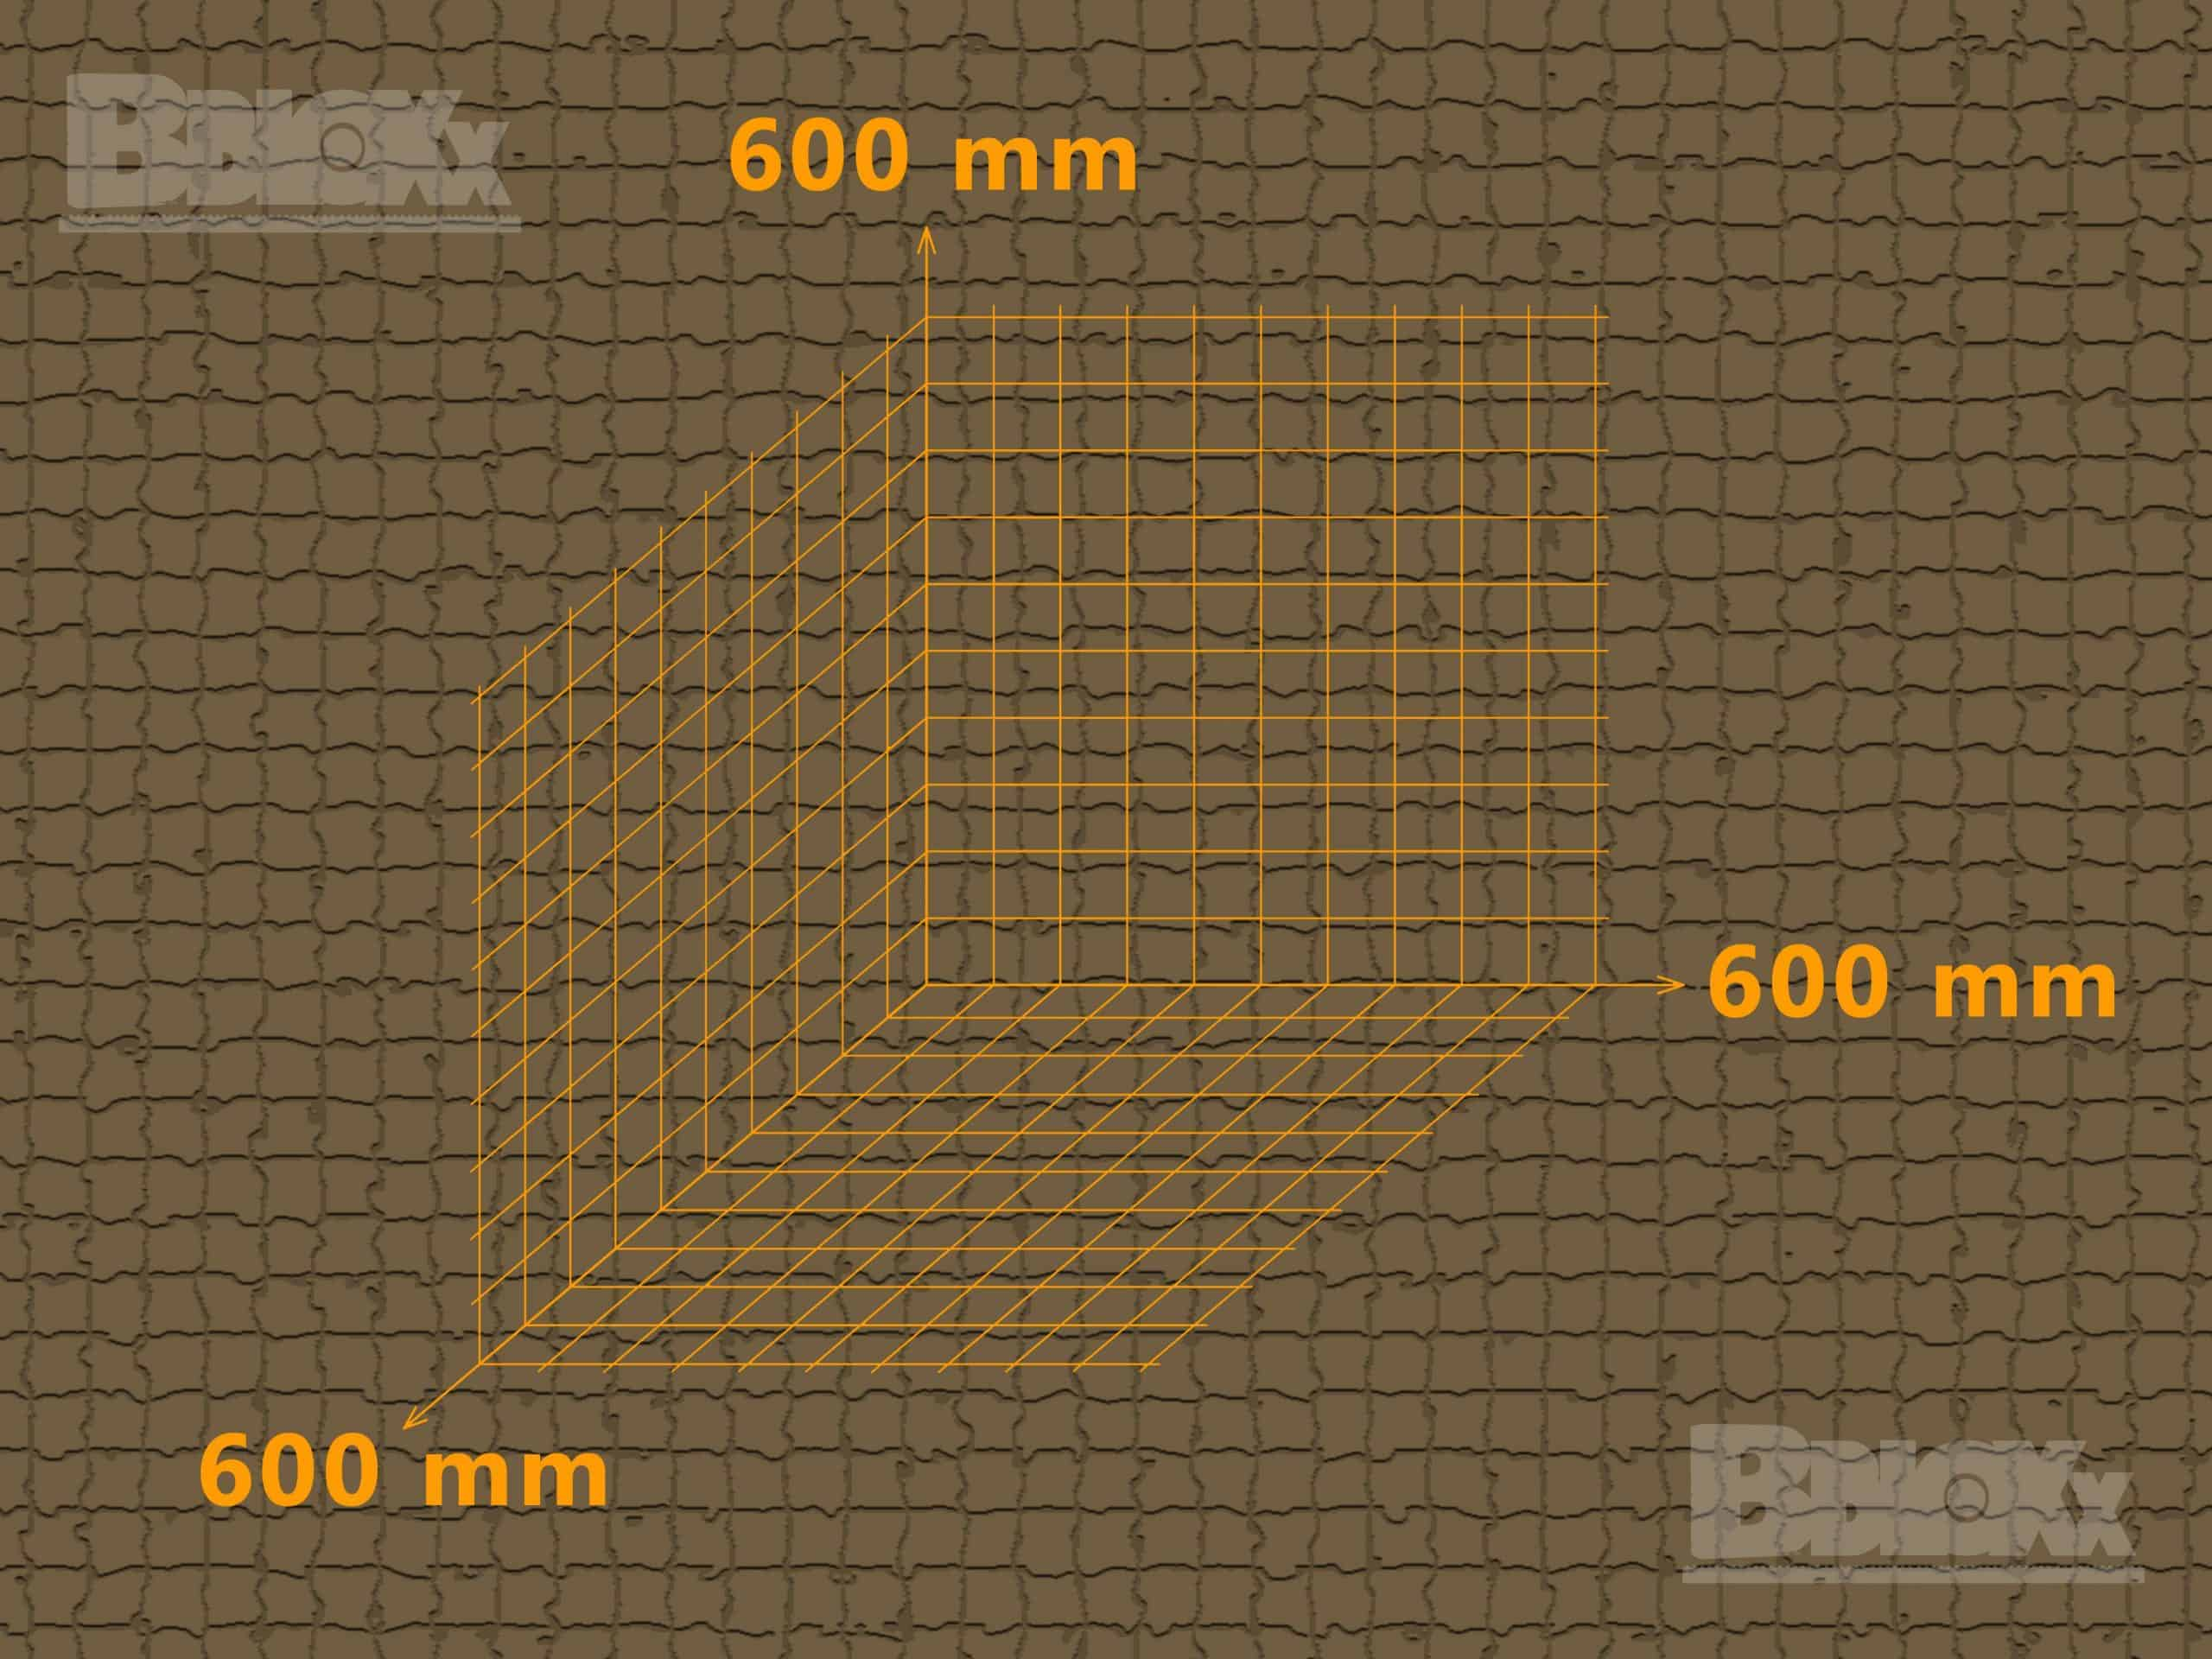 BBloxx-Schnellbaustein | 600 x 600 x 600 mm | Beton-Legostein, Betonblock, Beton-Stapelstein